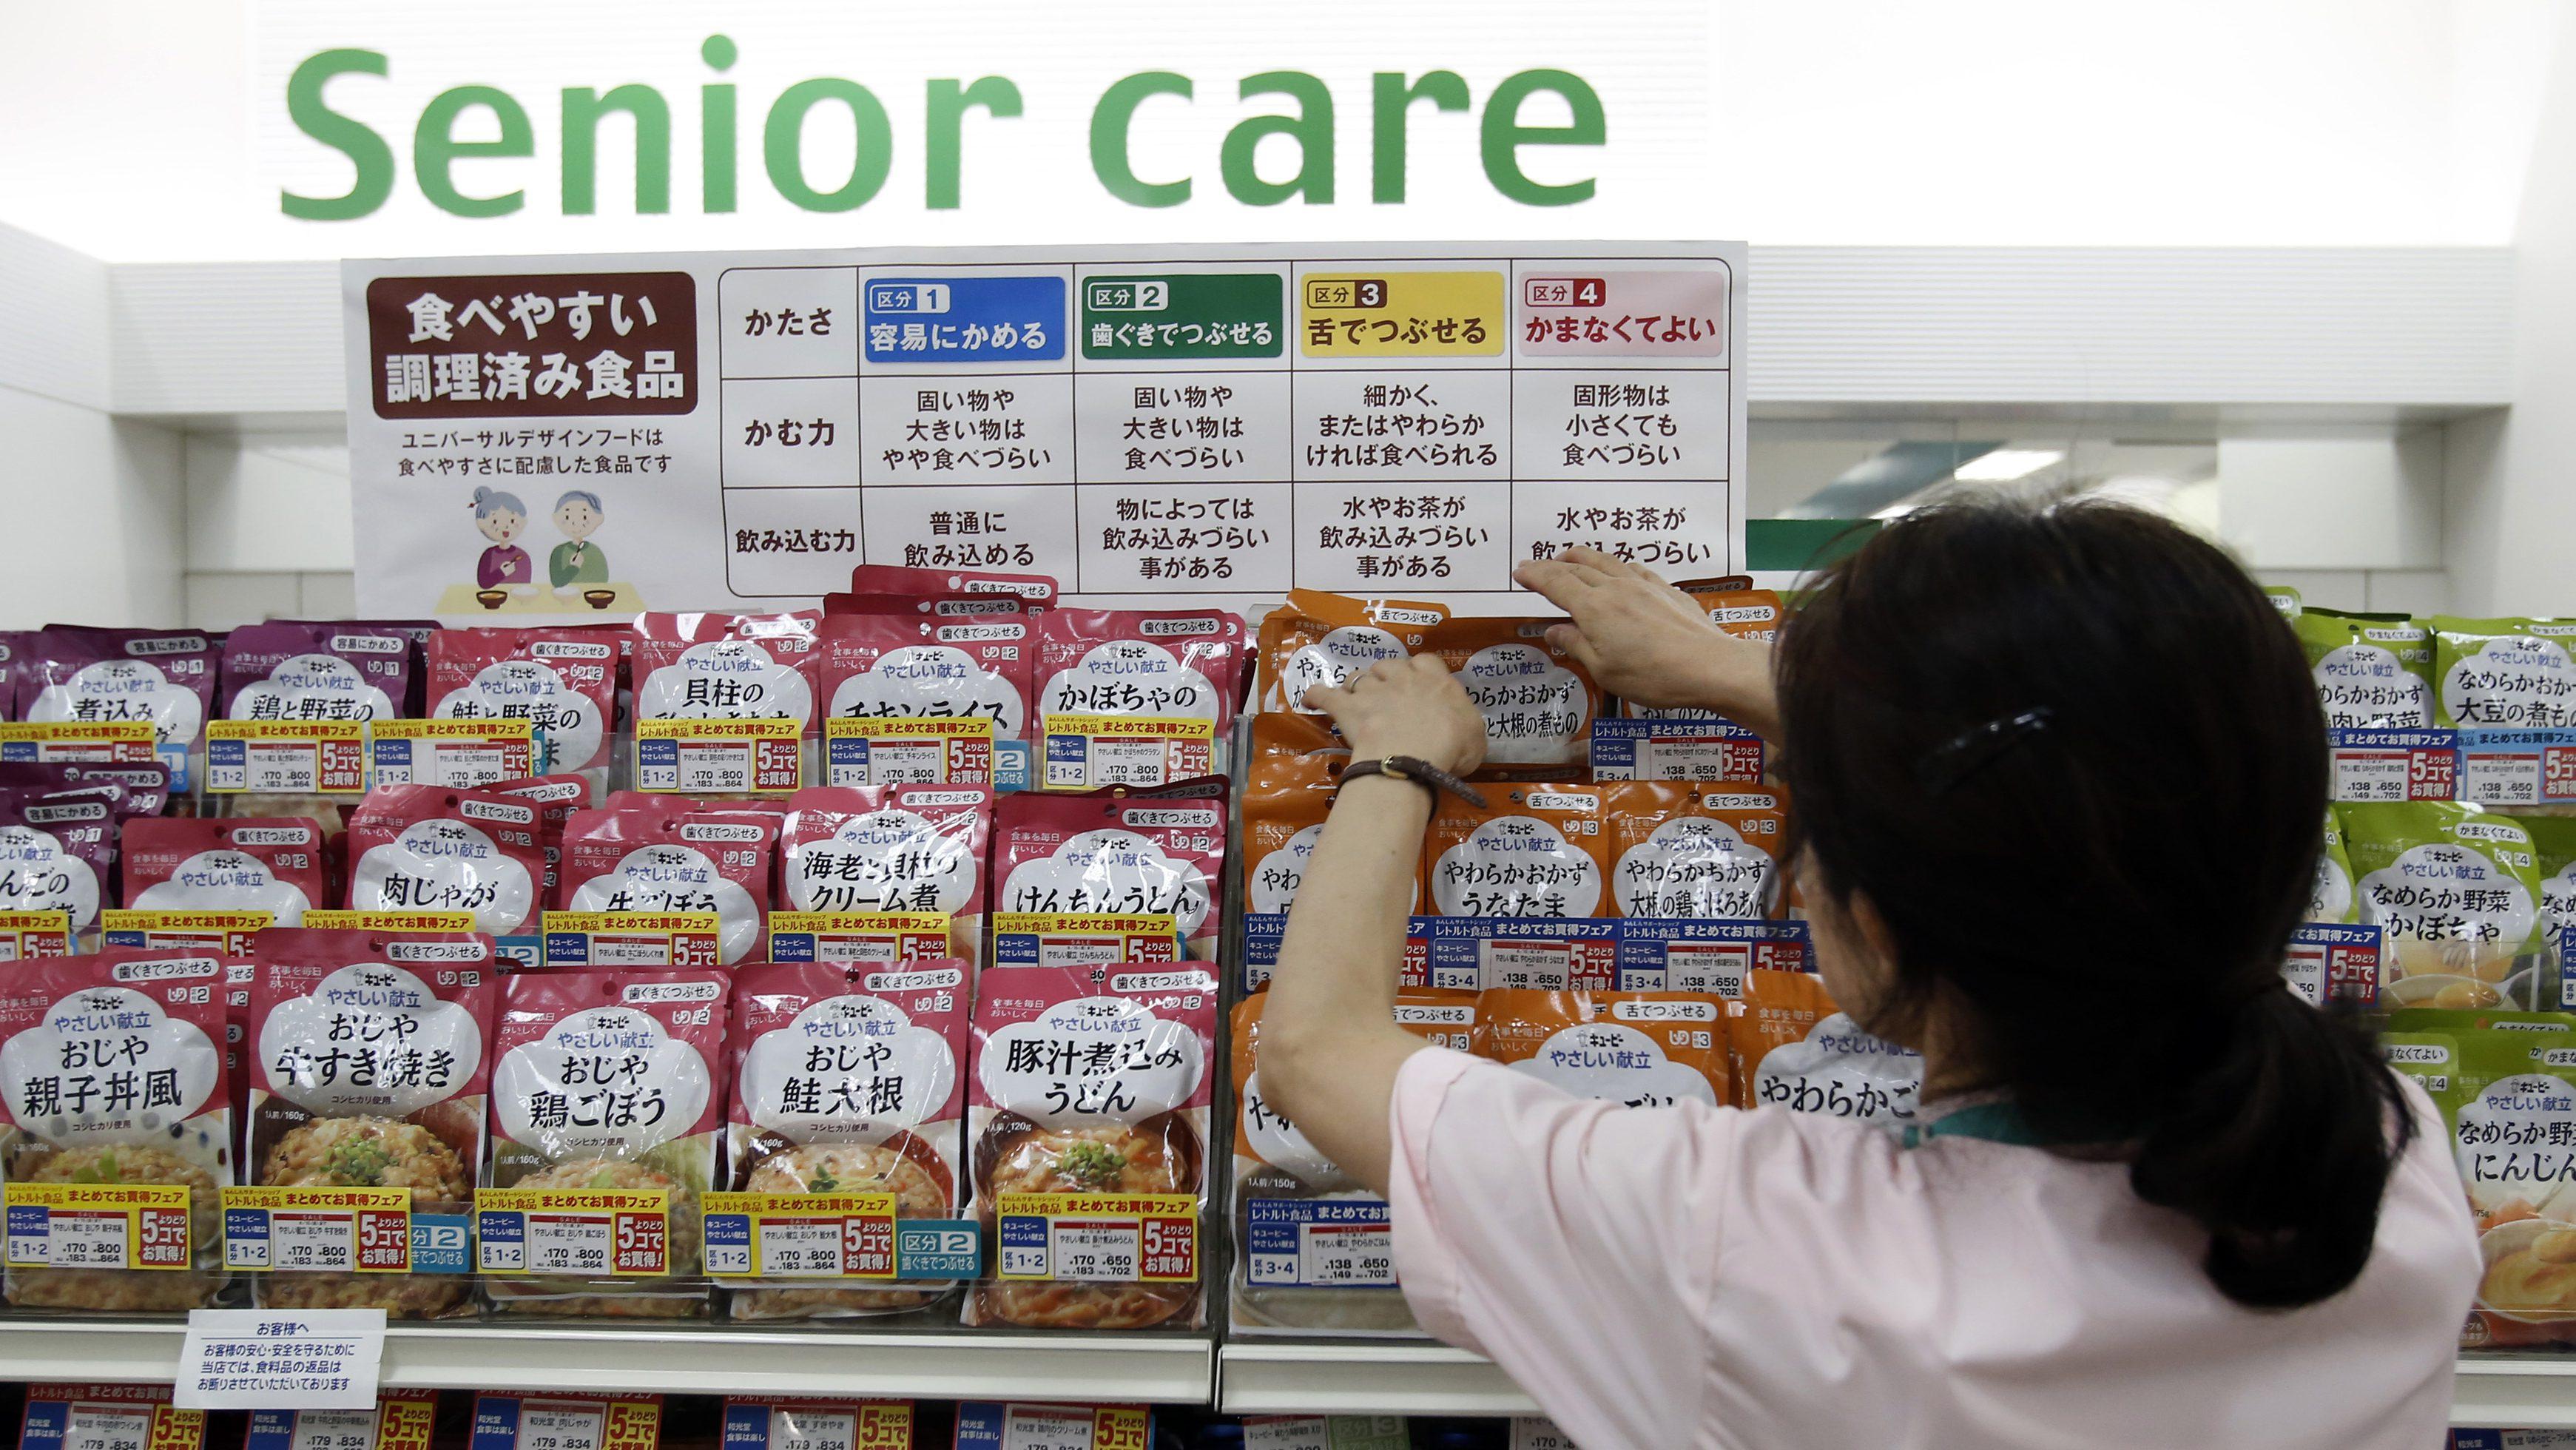 An employee arranges Kewpie Corps Nursing Supplies on a store shelf in Tokyo in 2014.